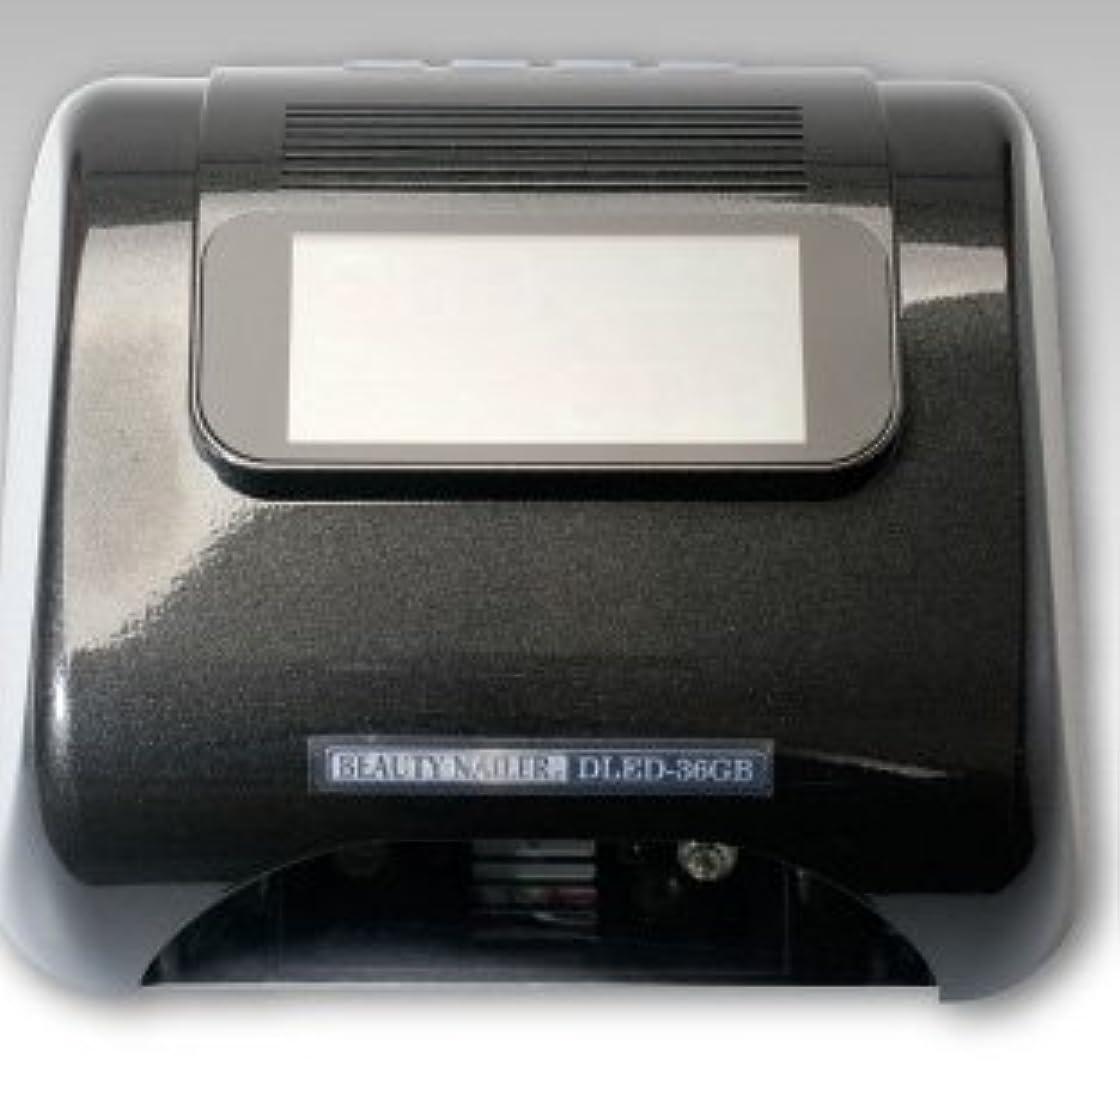 大事にする泣き叫ぶしなやかデジタル LEDライト DLED-36GB ムラキビューティネイラー